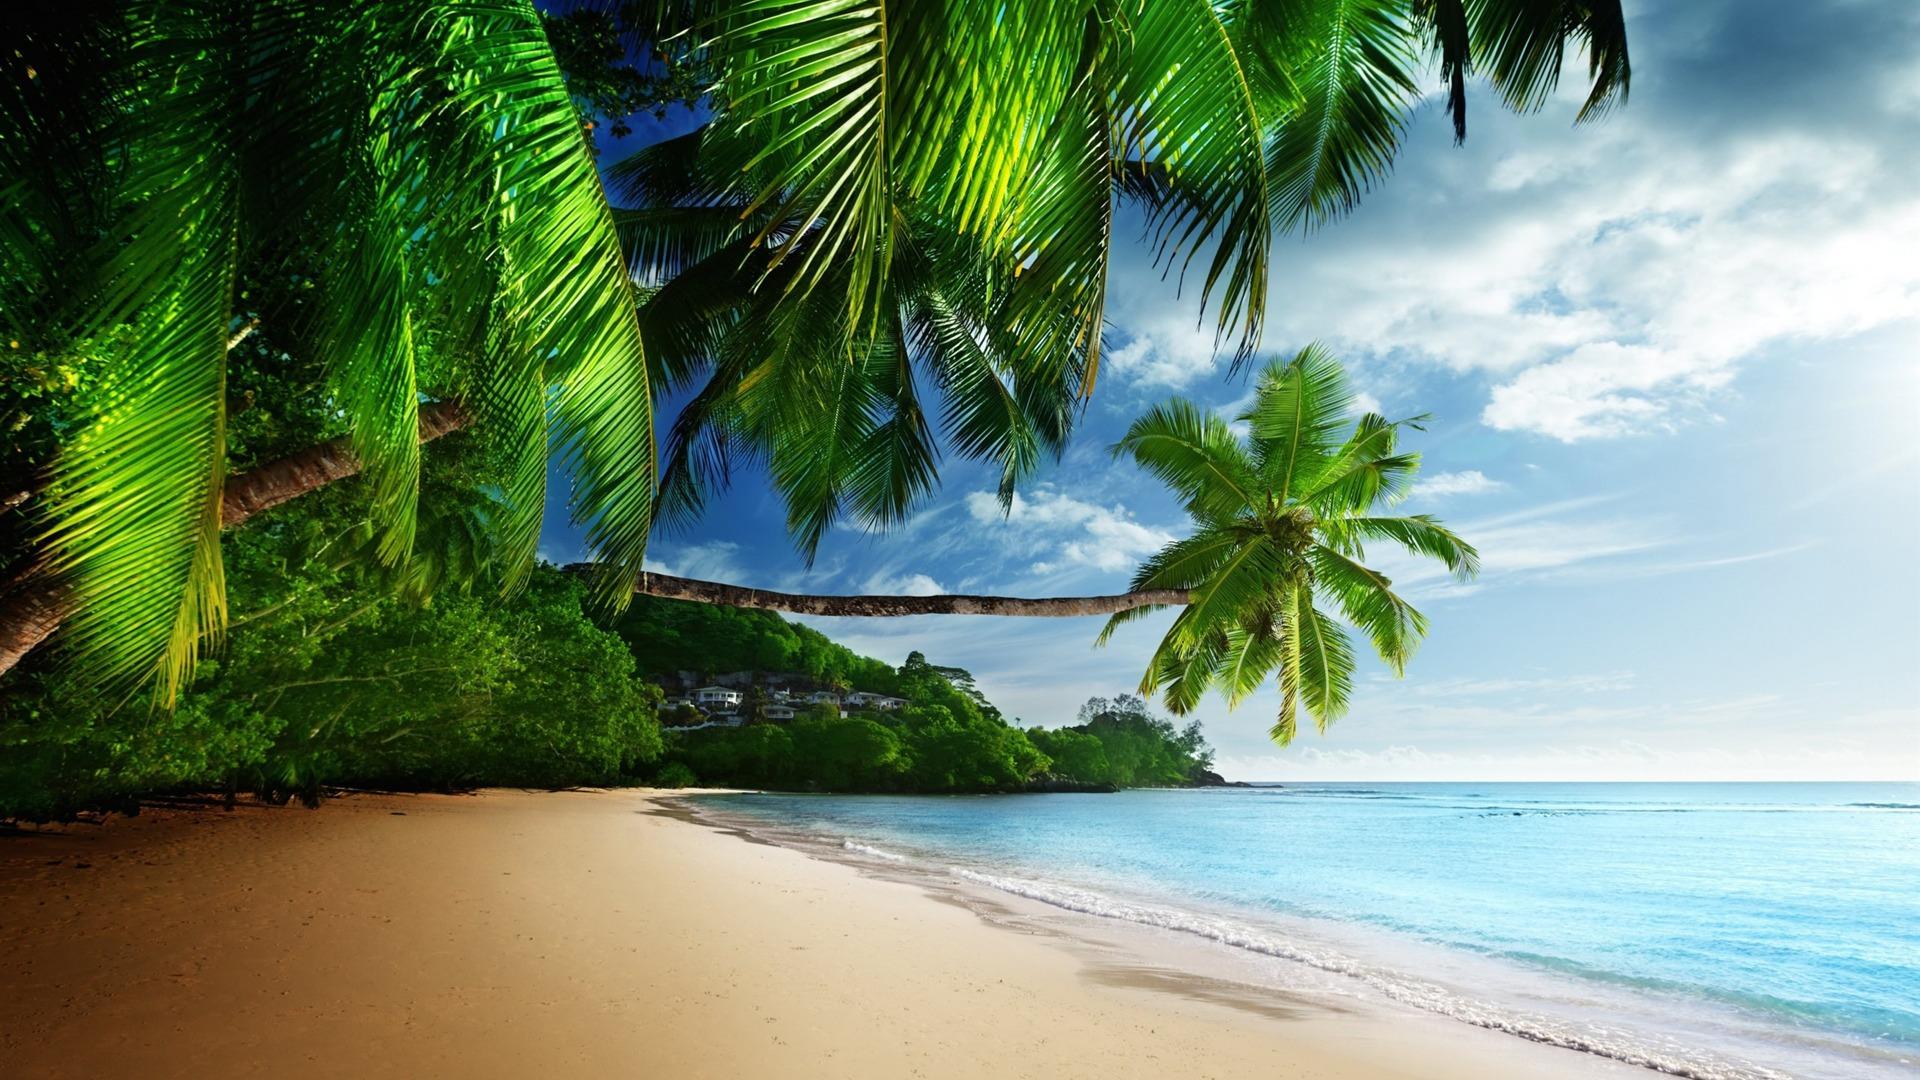 Tropical Plage Paradisiaque 2016 Haute Qualit 233 Fond D